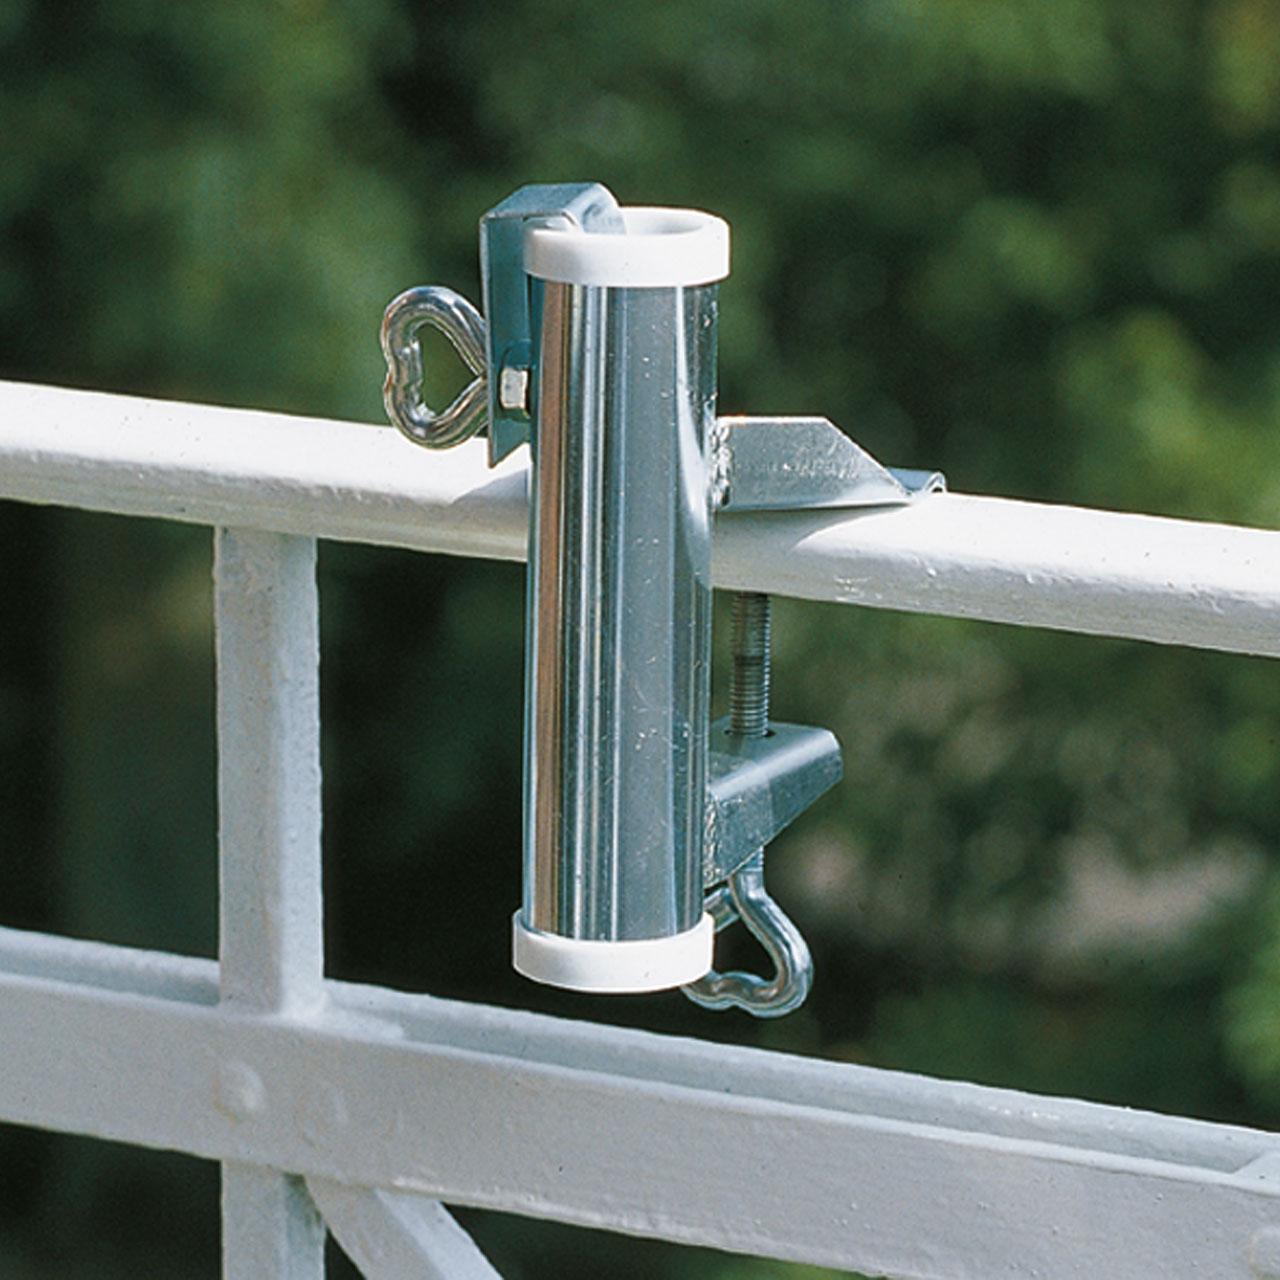 sonnenschirmhalter balkon handlauf videx verzinkt. Black Bedroom Furniture Sets. Home Design Ideas